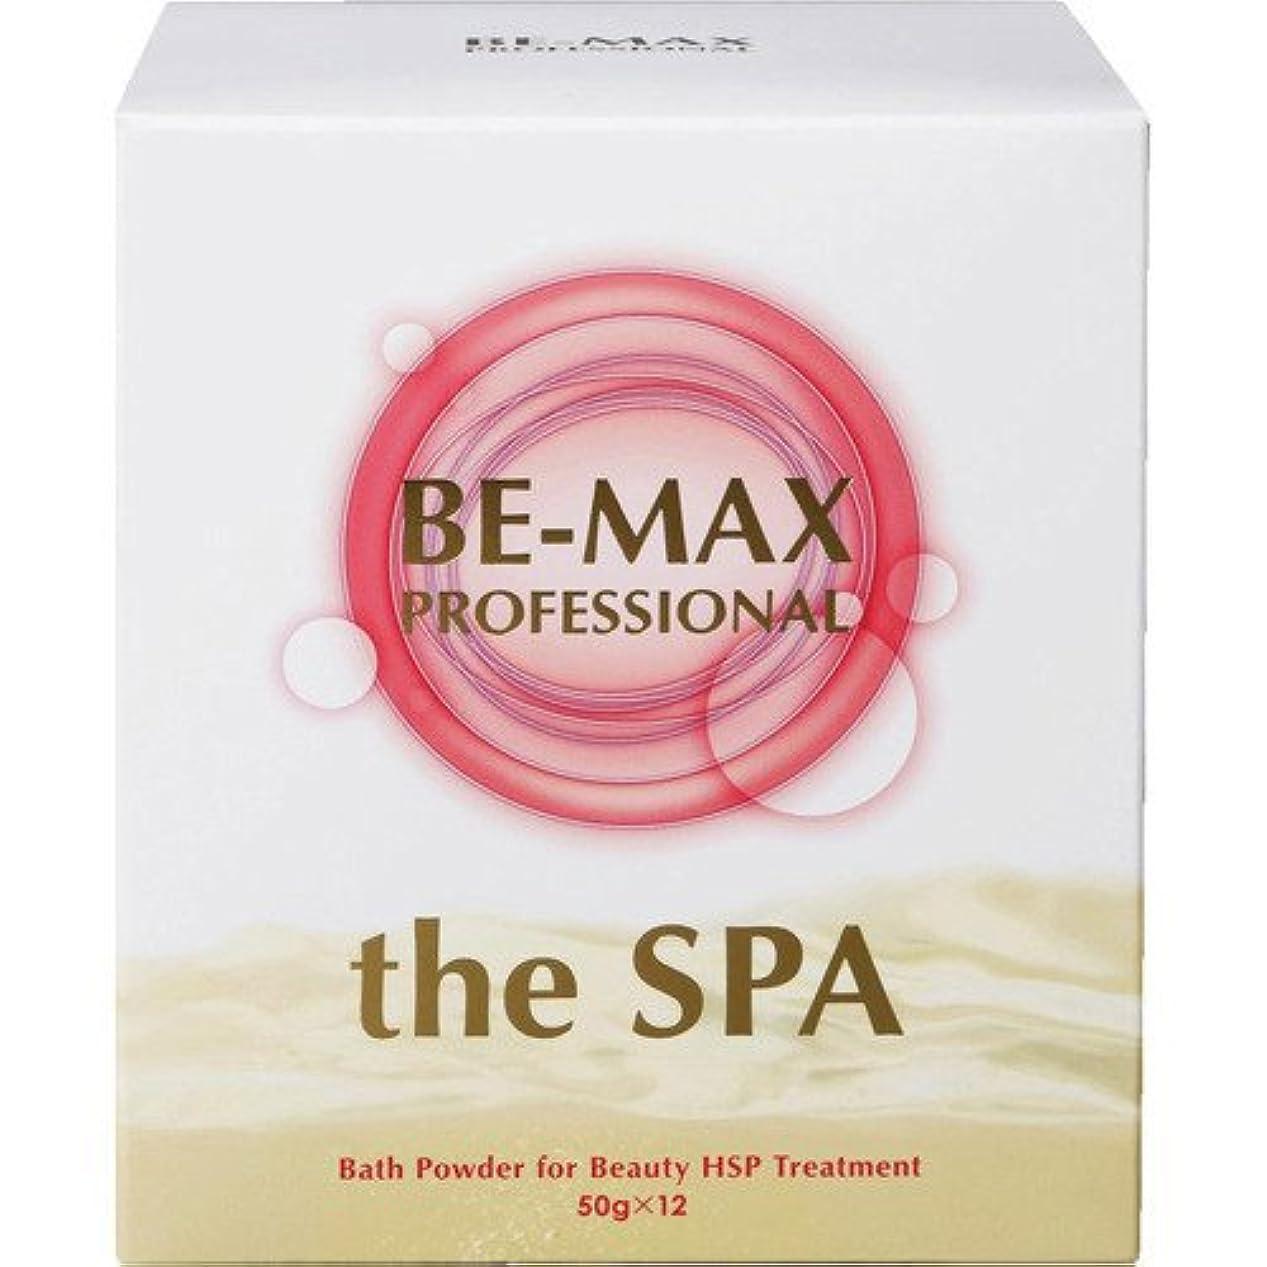 おもちゃ汚れた舌なBE-MAX PROFESSIONAL the SPA(ザ?スパ) ビーマックスプロフェッショナル ザ?スパ バスパウダー 50gx12包 (4571132621587)